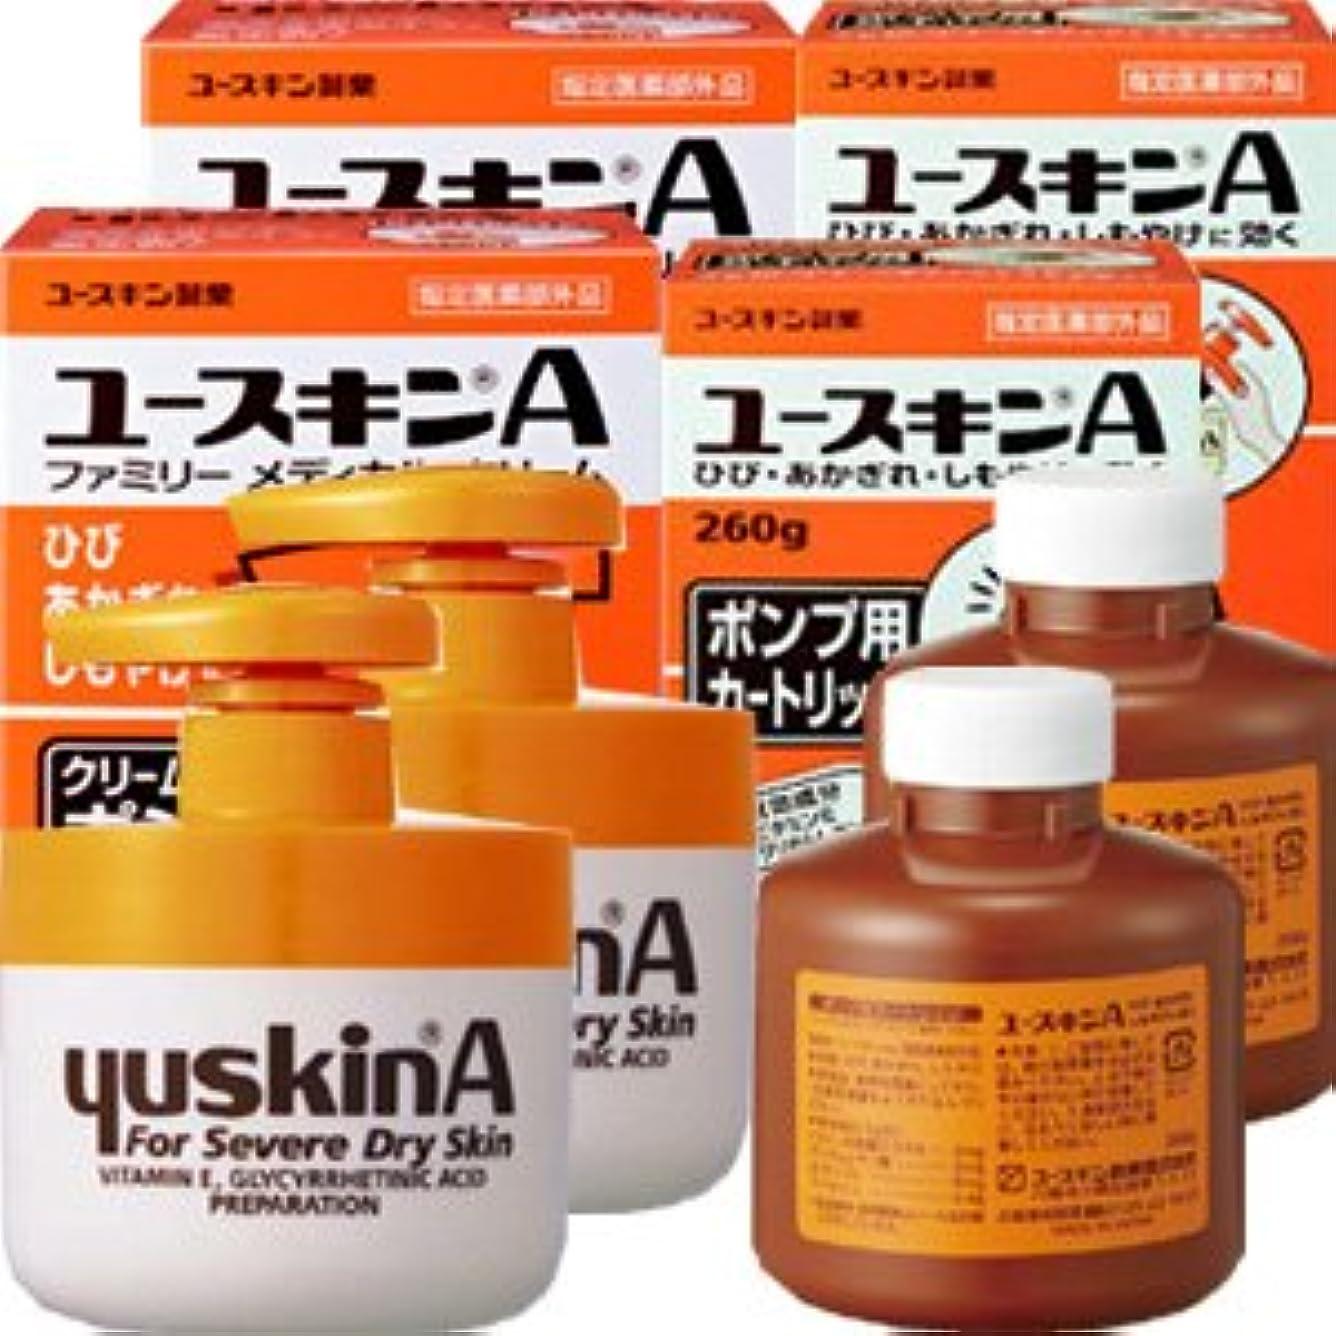 安全性小学生弱点ユースキンA ポンプ 260gx2個+カートリッジ260gx2個 本体2個と詰替え2個セット